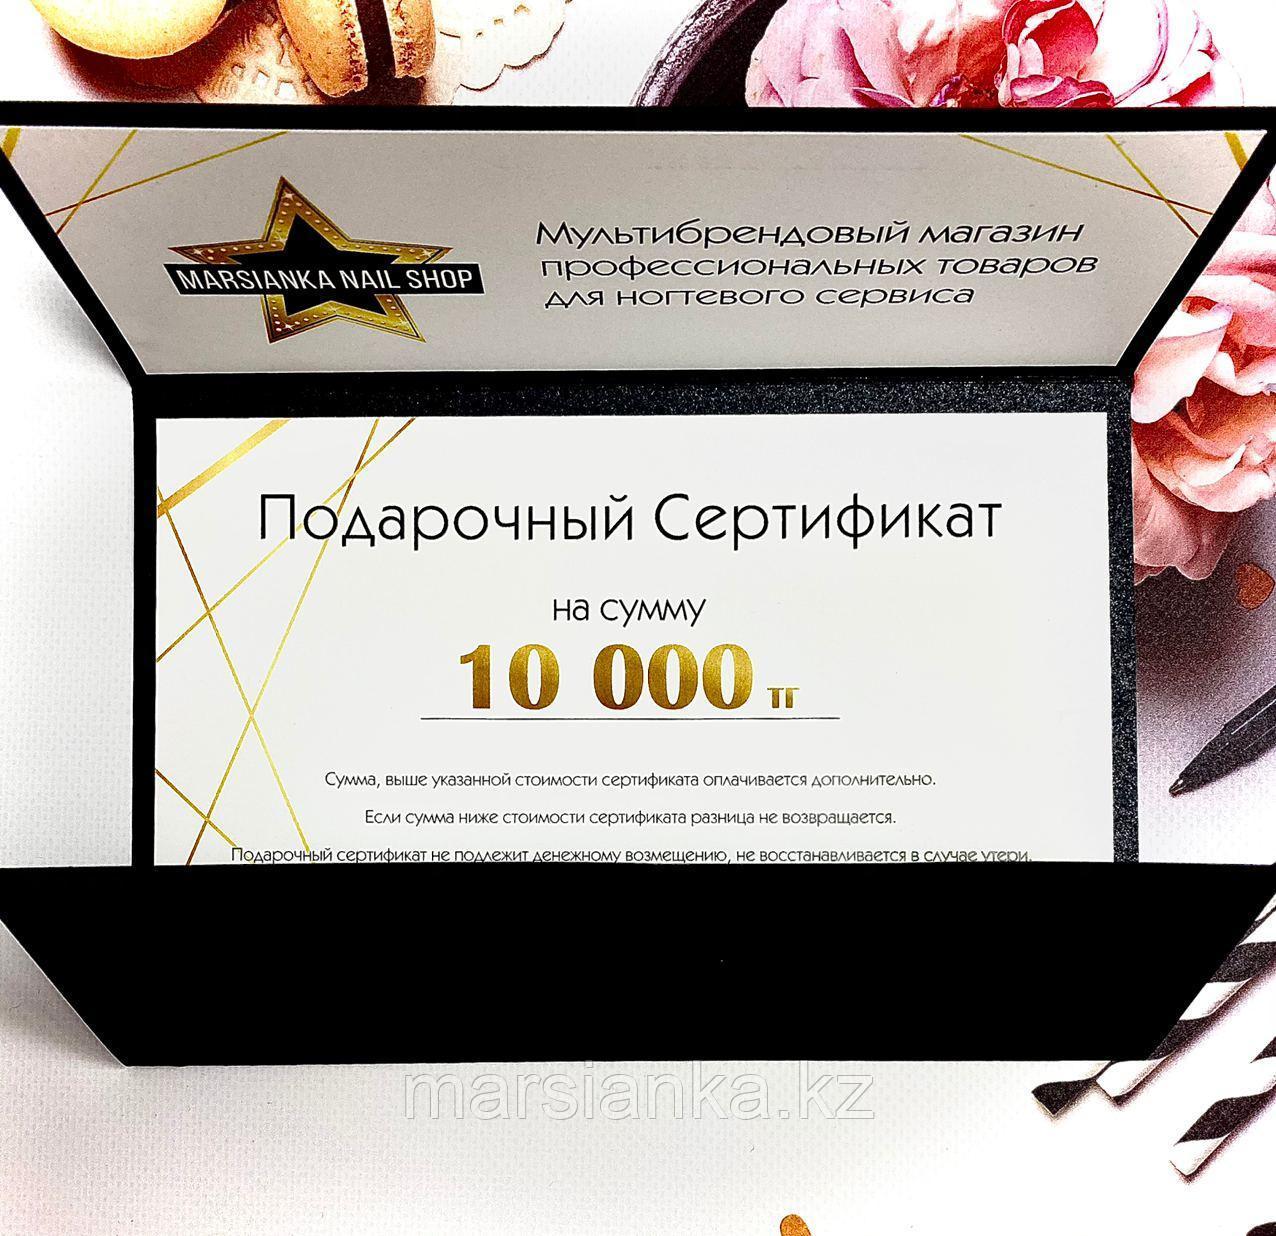 Подарочный сертификат на 10000тг - фото 1